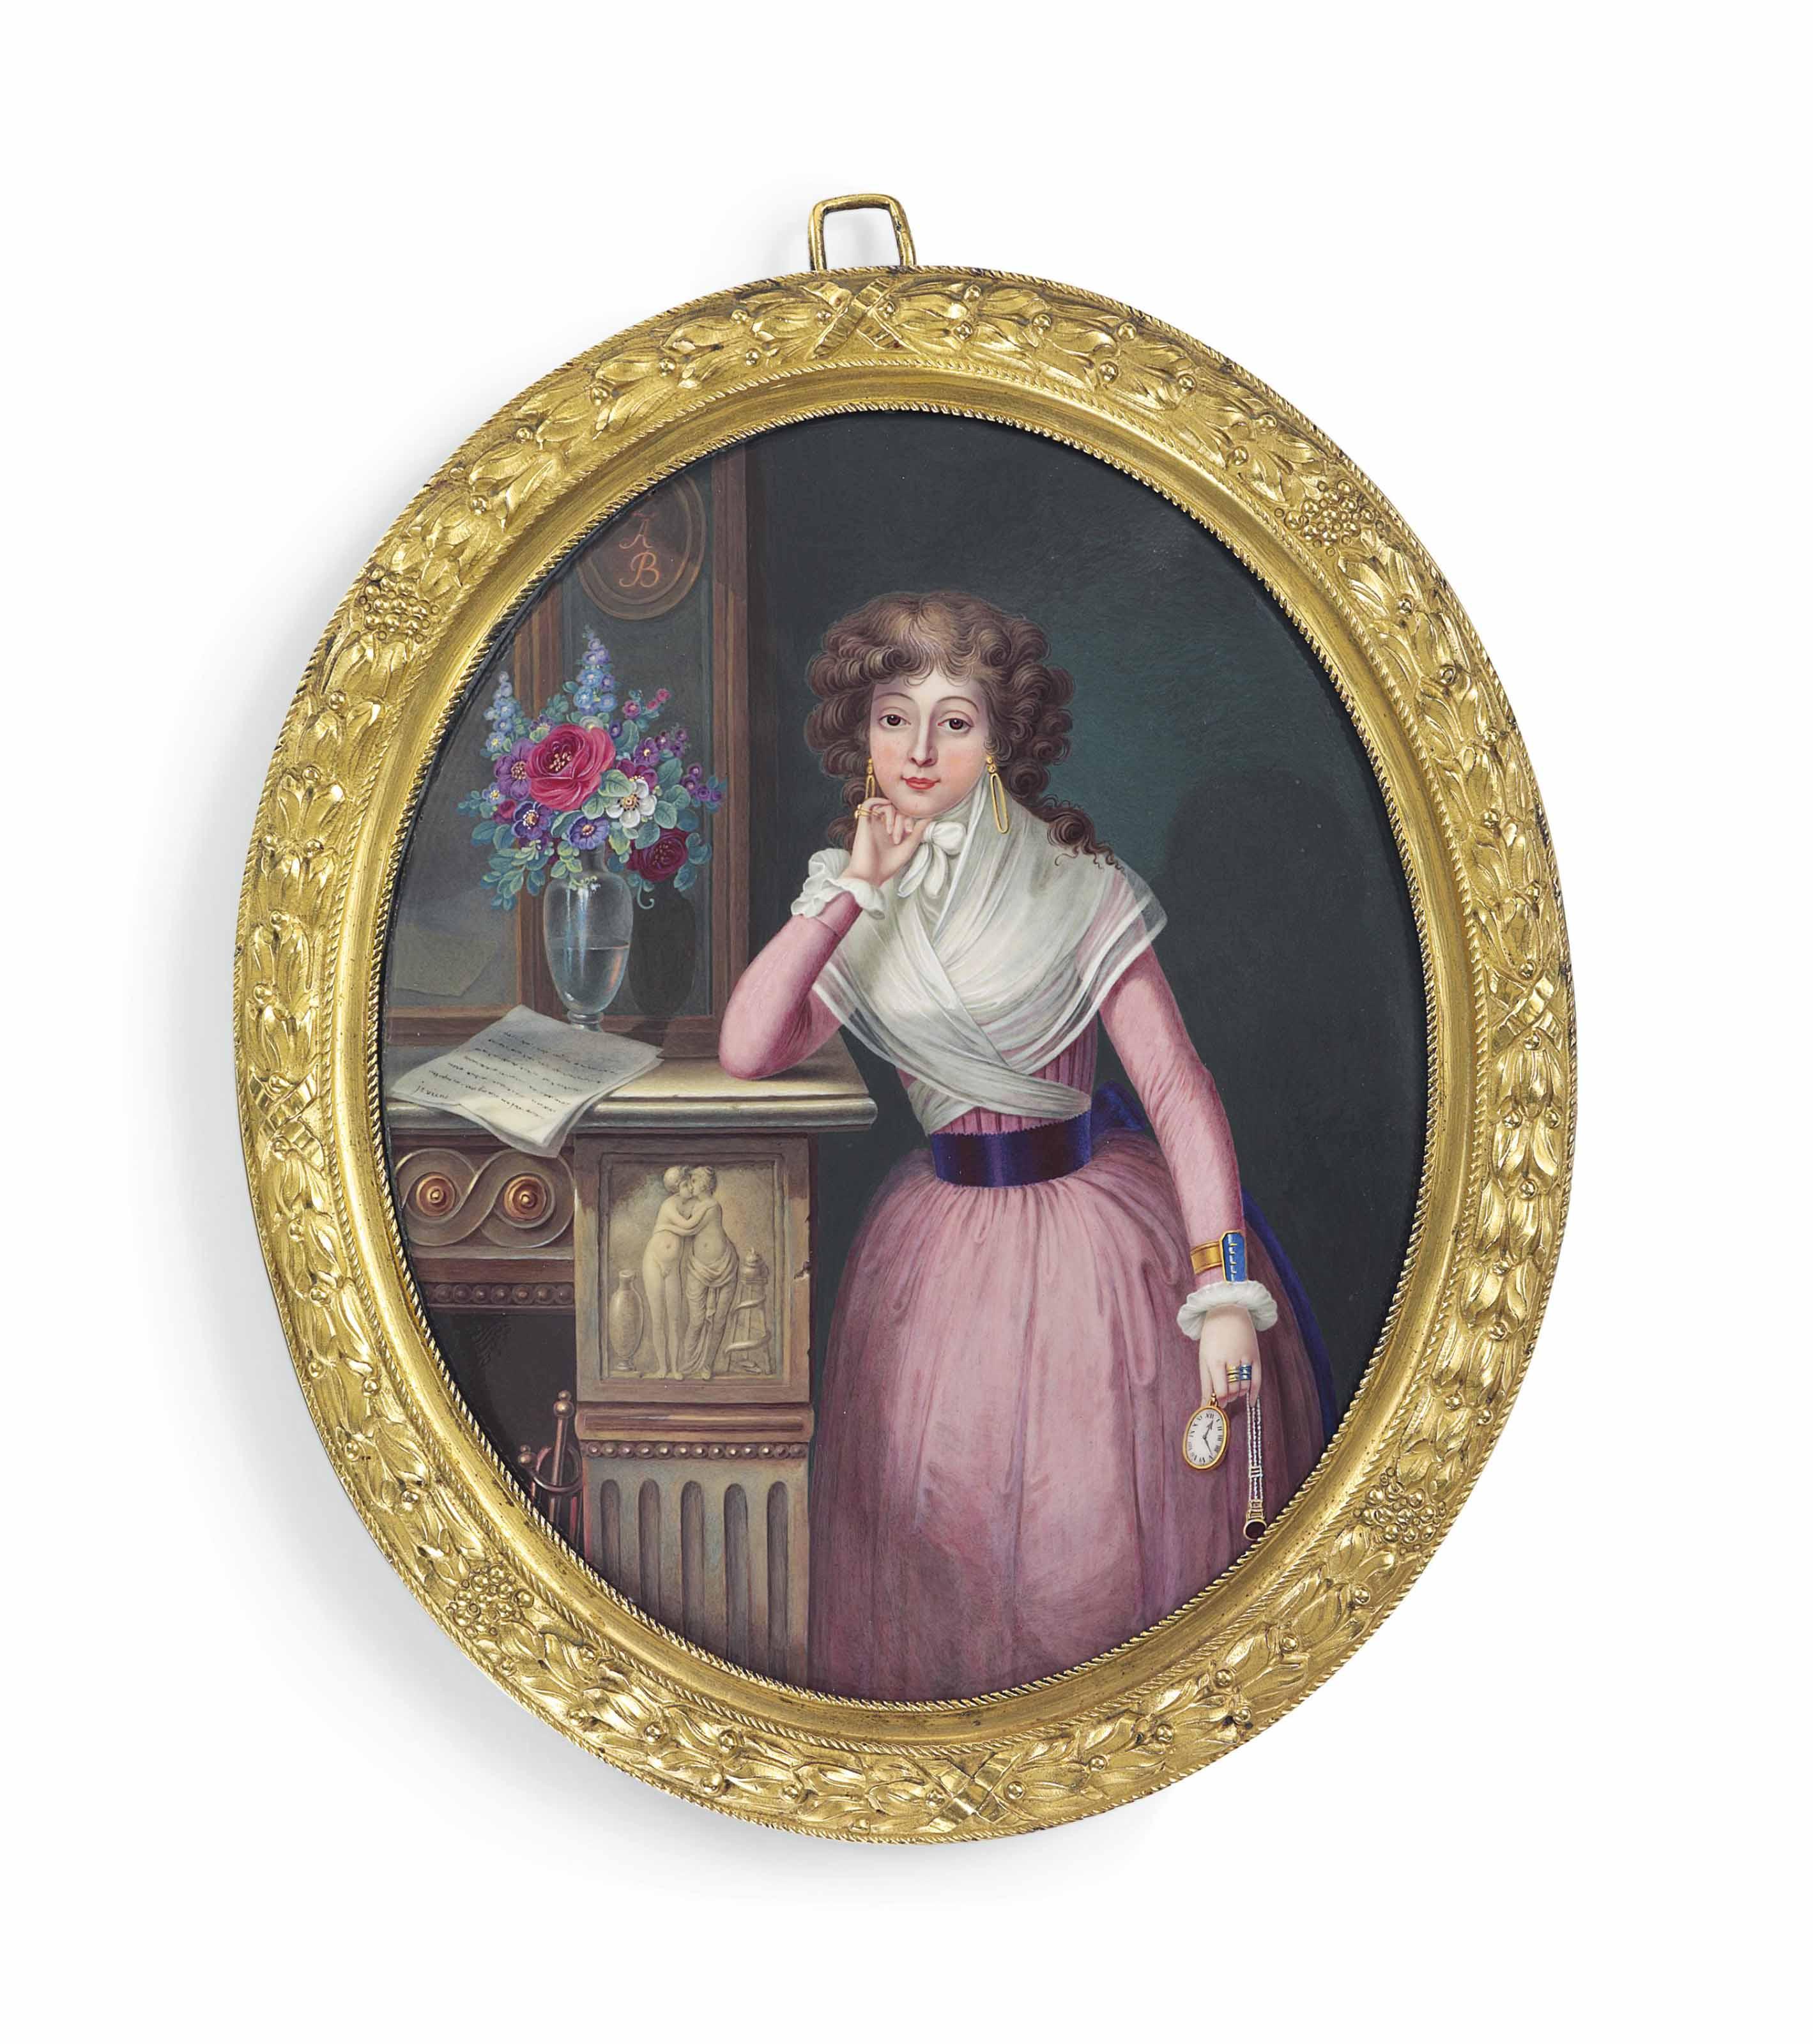 WILLIAM HOPKINS CRAFT (BRITISH, C. 1730/35-1811)